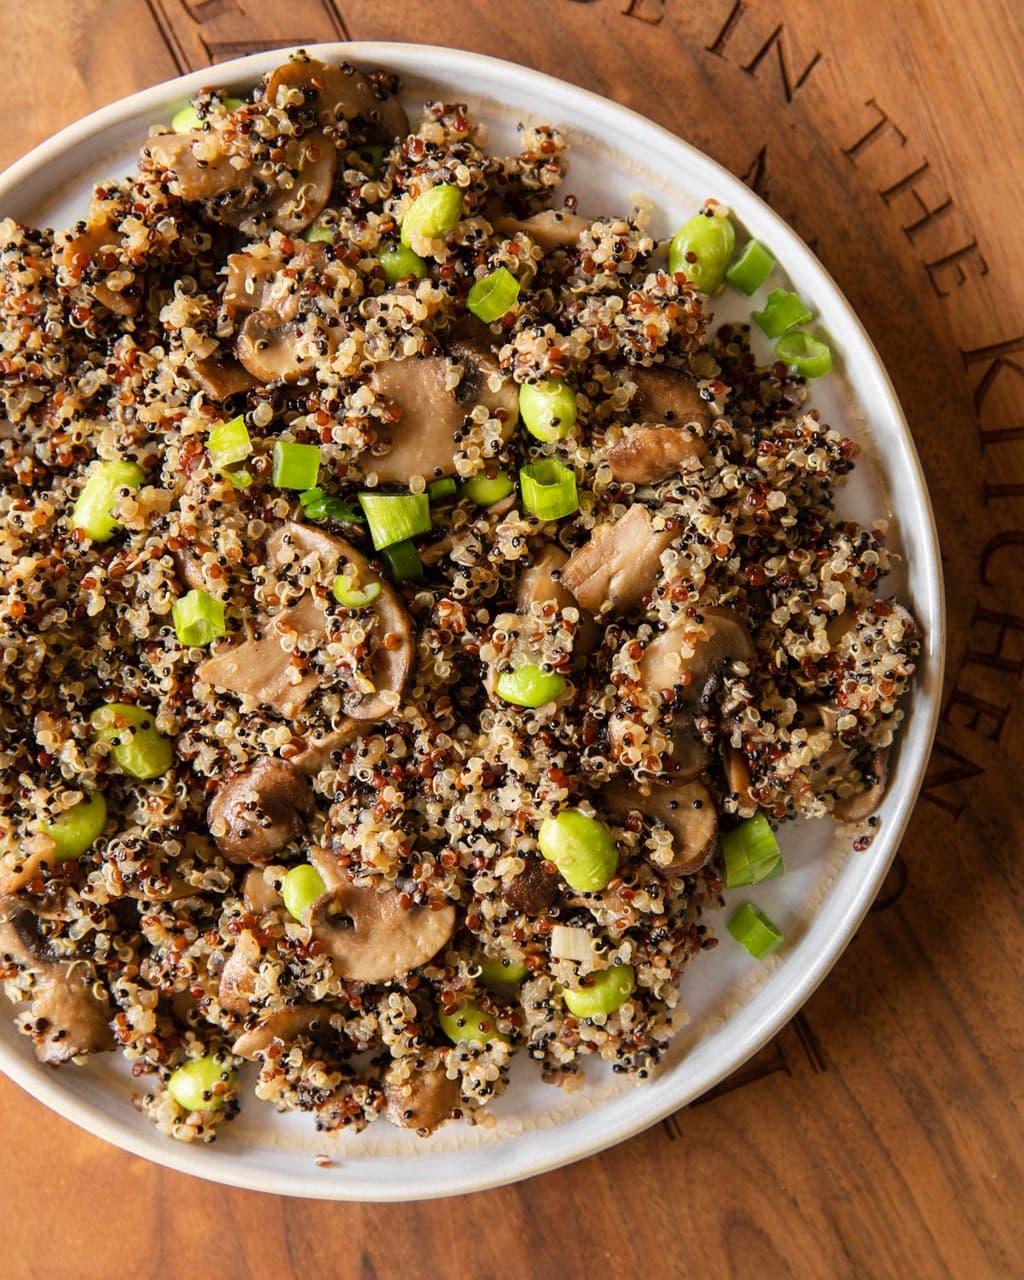 毛豆蘑菇藜麥飯 -全素減醣餐。高蛋白低GI、一鍋到底快速出餐